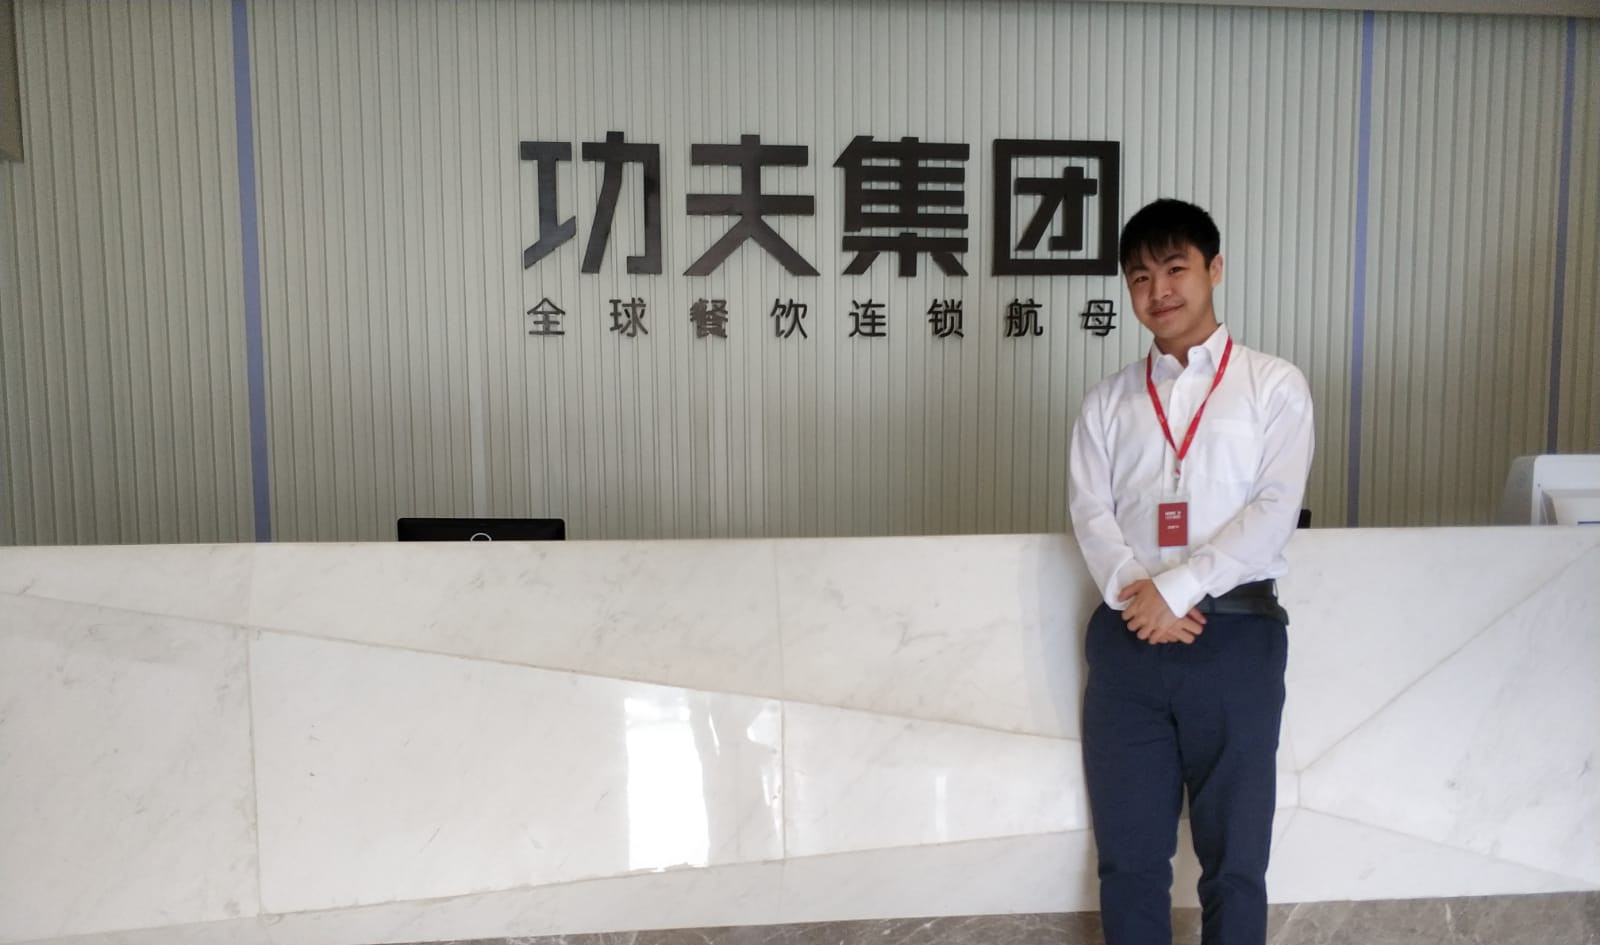 到廣州南沙自貿區功夫集團實習,了解綜合性企業運作